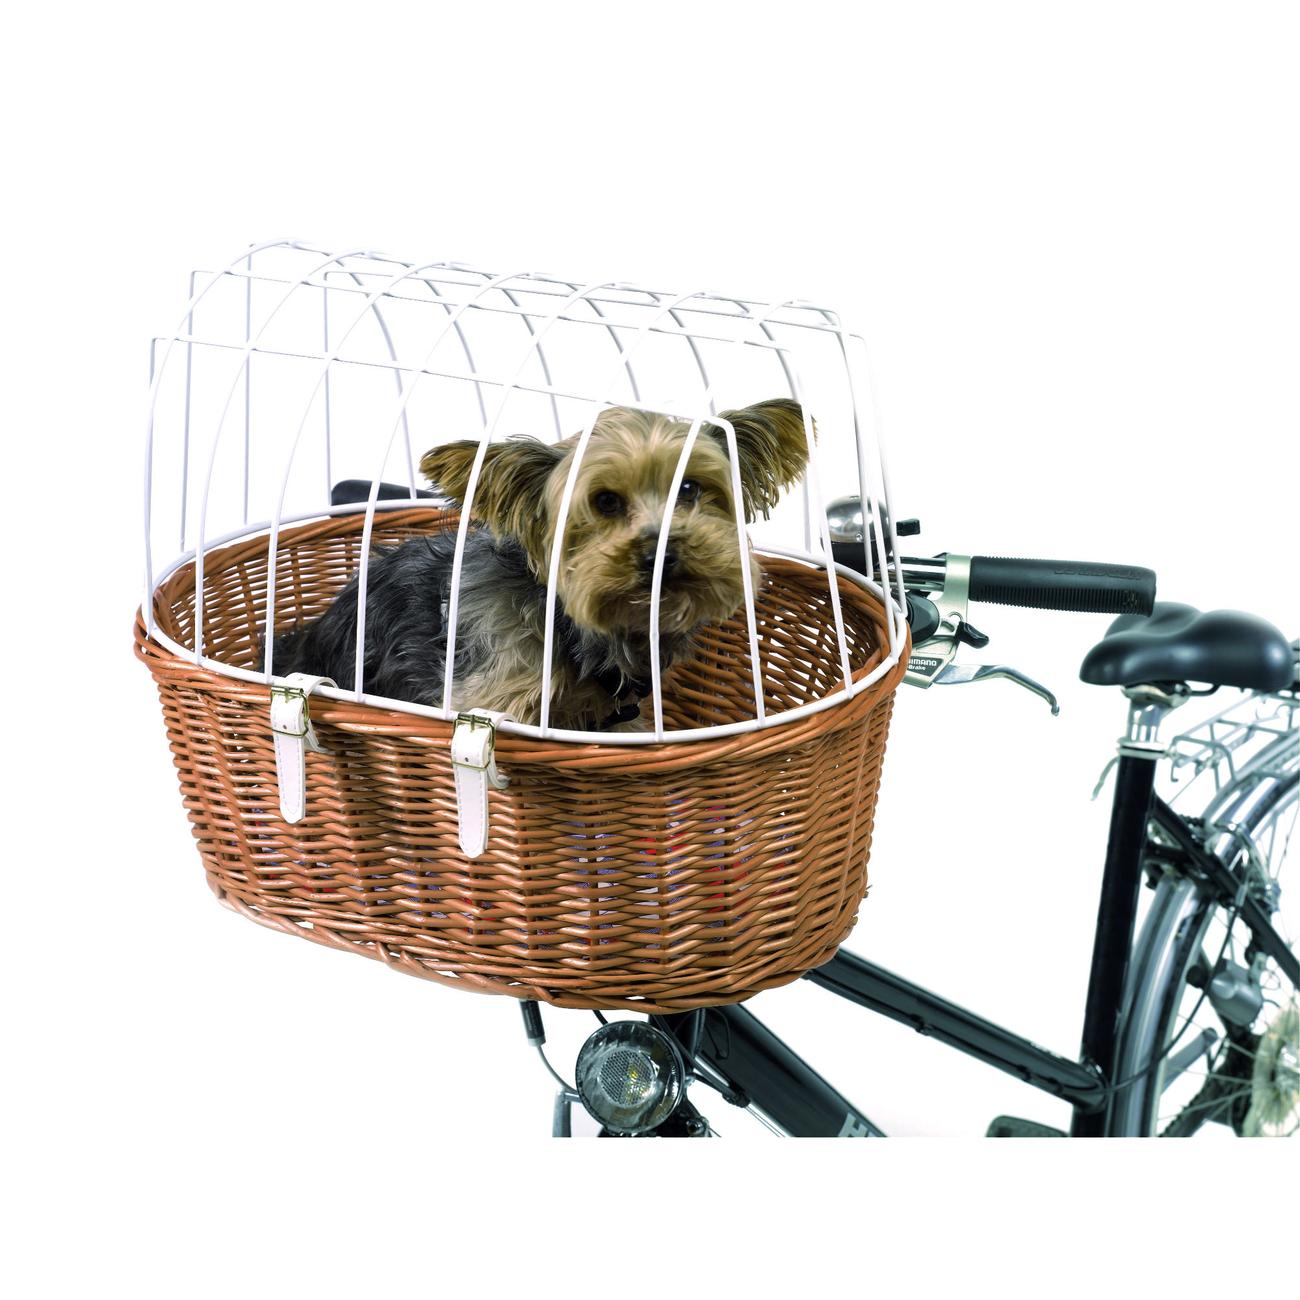 Fahrradkorb Befestigungssystem Nr. 166 für Aumüller Fahrradkörbe mit Steuerkopfmontage, Montage vorn